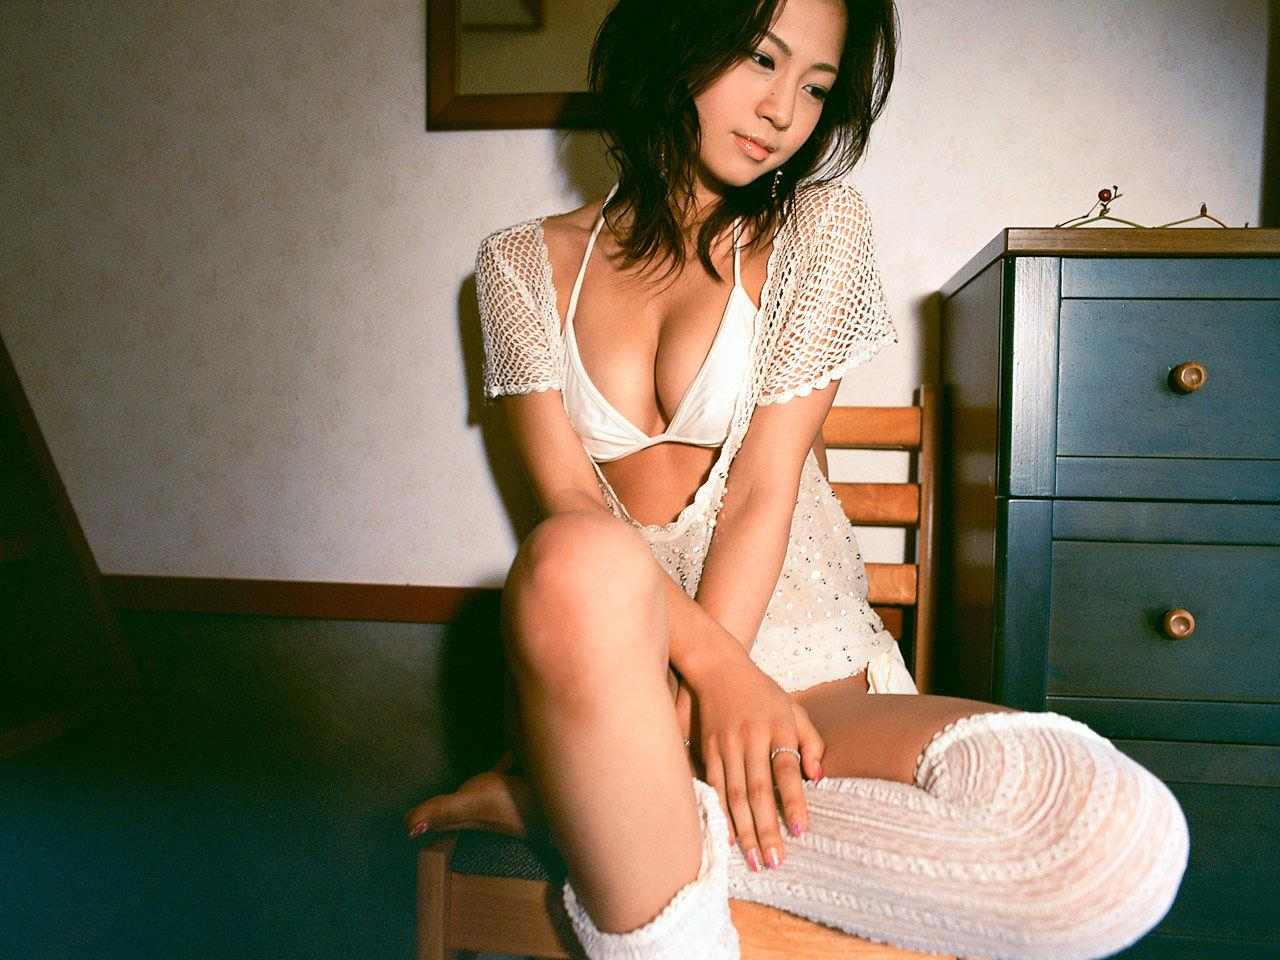 安田美沙子 画像 110